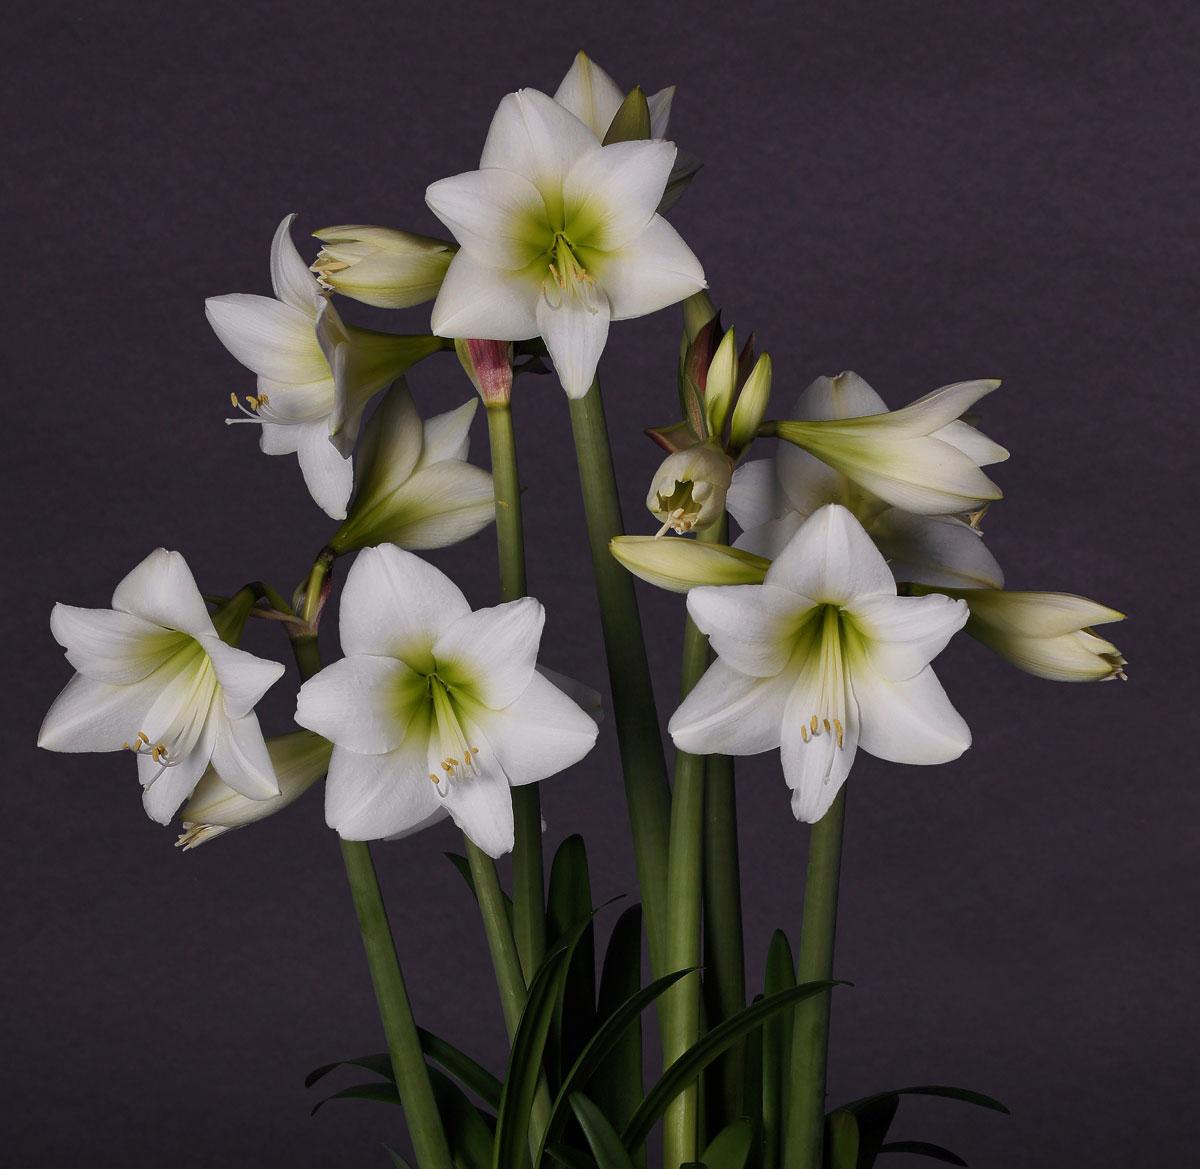 2101369 Hippeastrum  Jaloritarinkukka, Amaryllis, 'White Garden'